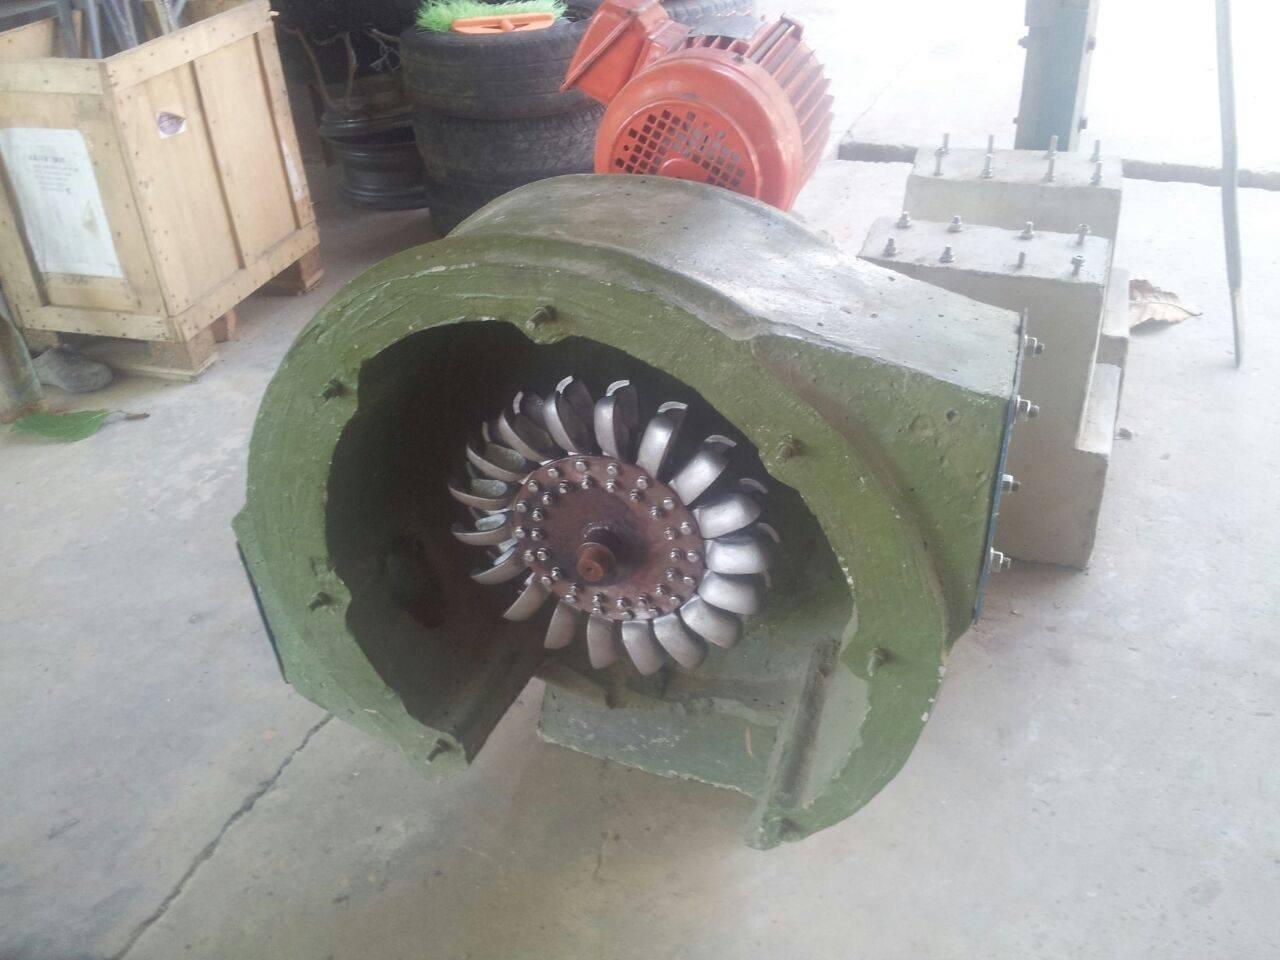 Das Foto zeigt ein Schaufelrad in einer grünlackierten Metallummantelung –  … Das Gehäuse der Turbine besteht manchmal auch aus Beton und wird erst vor Ort gegossen, damit die schweren Bleche nicht auch noch zu abgelegenen Dörfern transportiert werden müssen. …